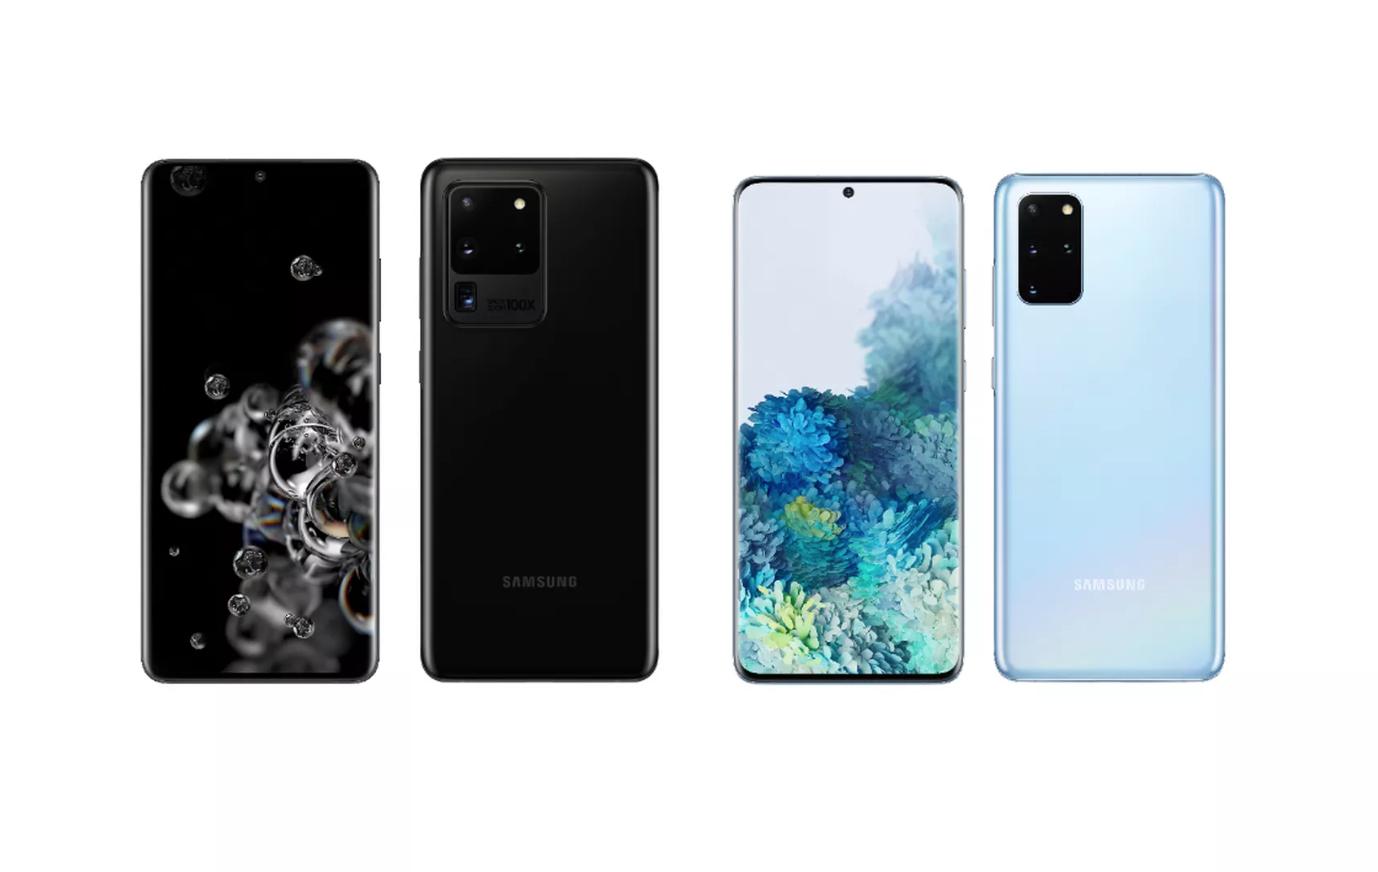 三星Galaxy S20系列新品发布会消息汇总:Ultra机型抢眼